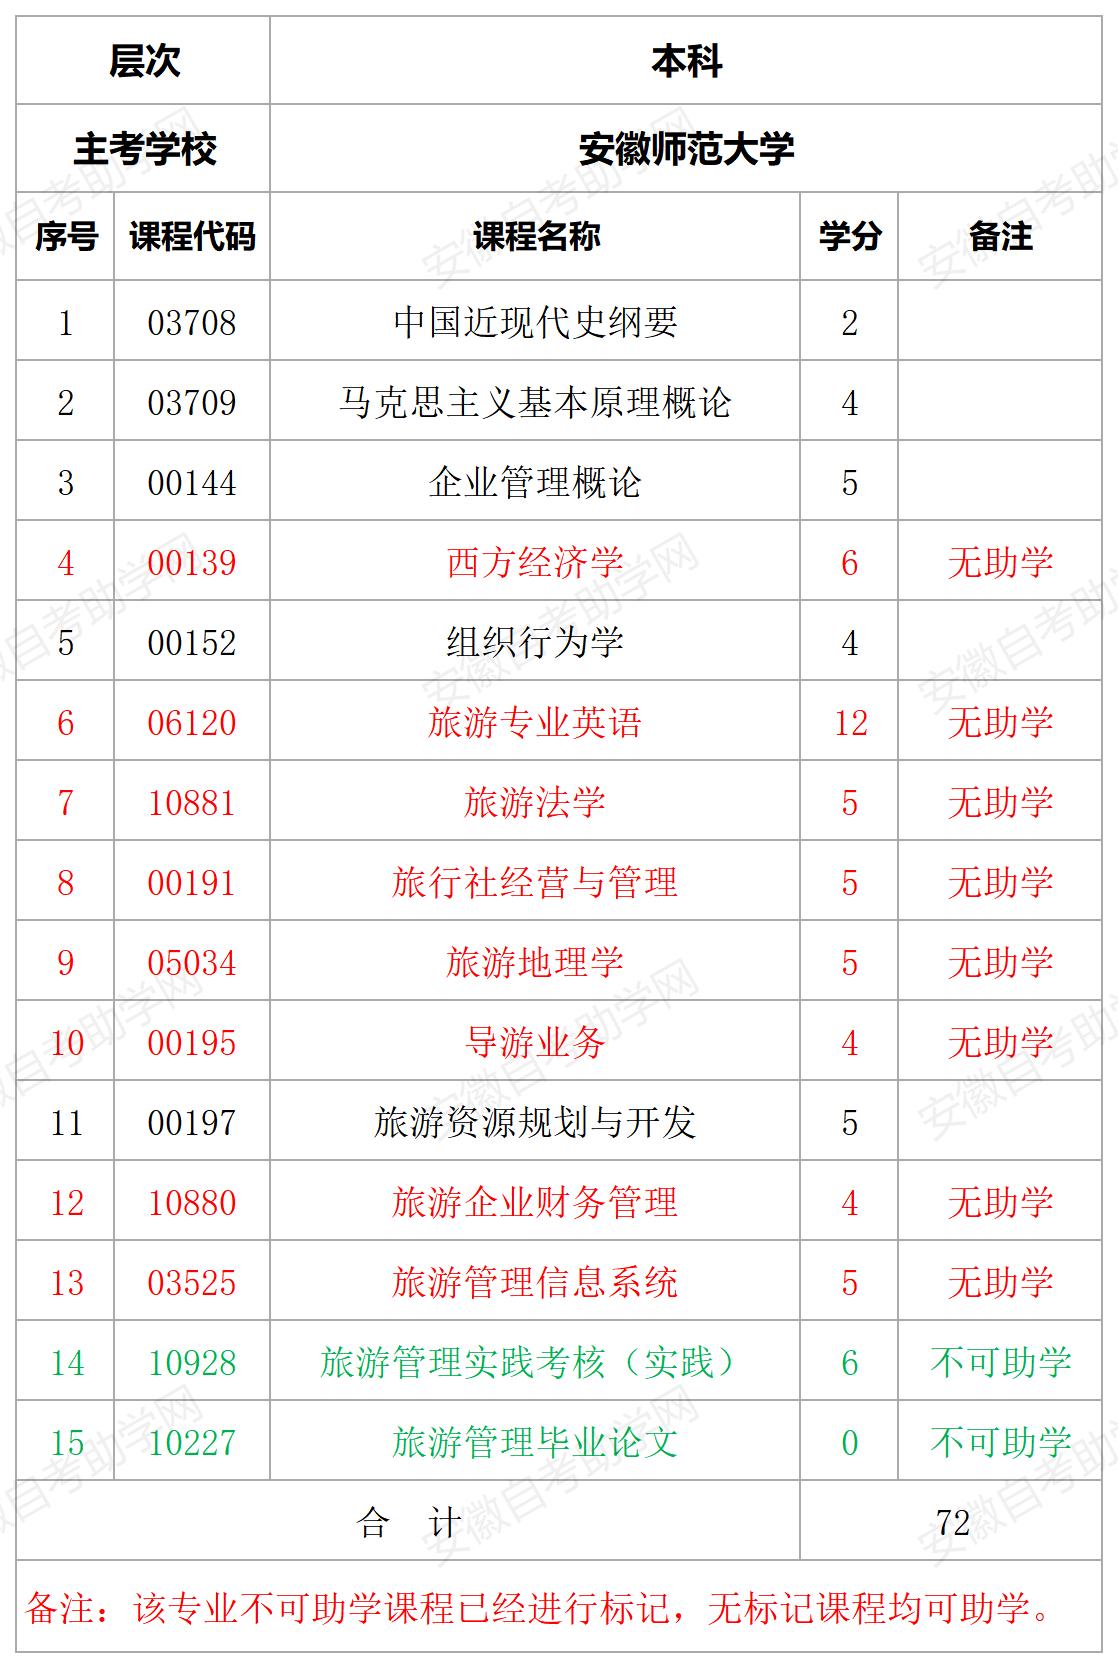 安徽师范大学旅游管理专业助学课程详情表